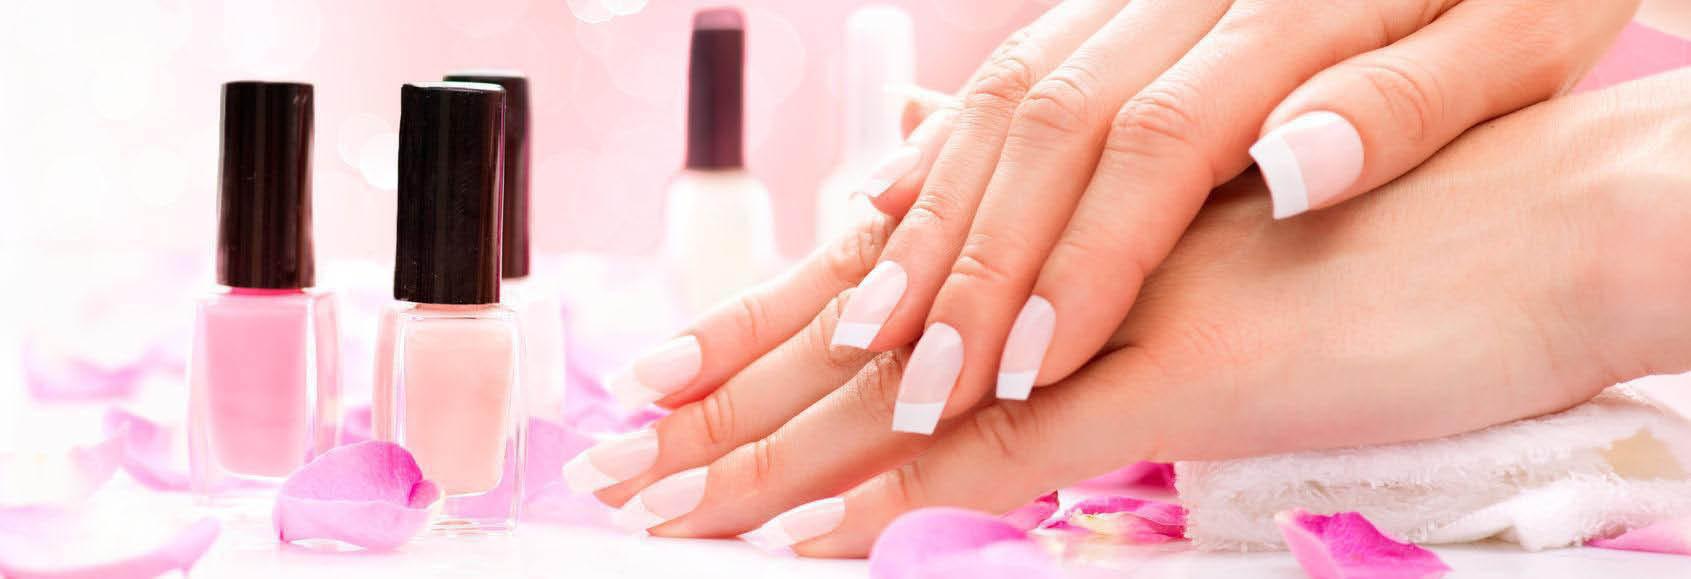 hollywood nail and spa,nail salon,nails near me,spa near me,nails in brookhaven pa,